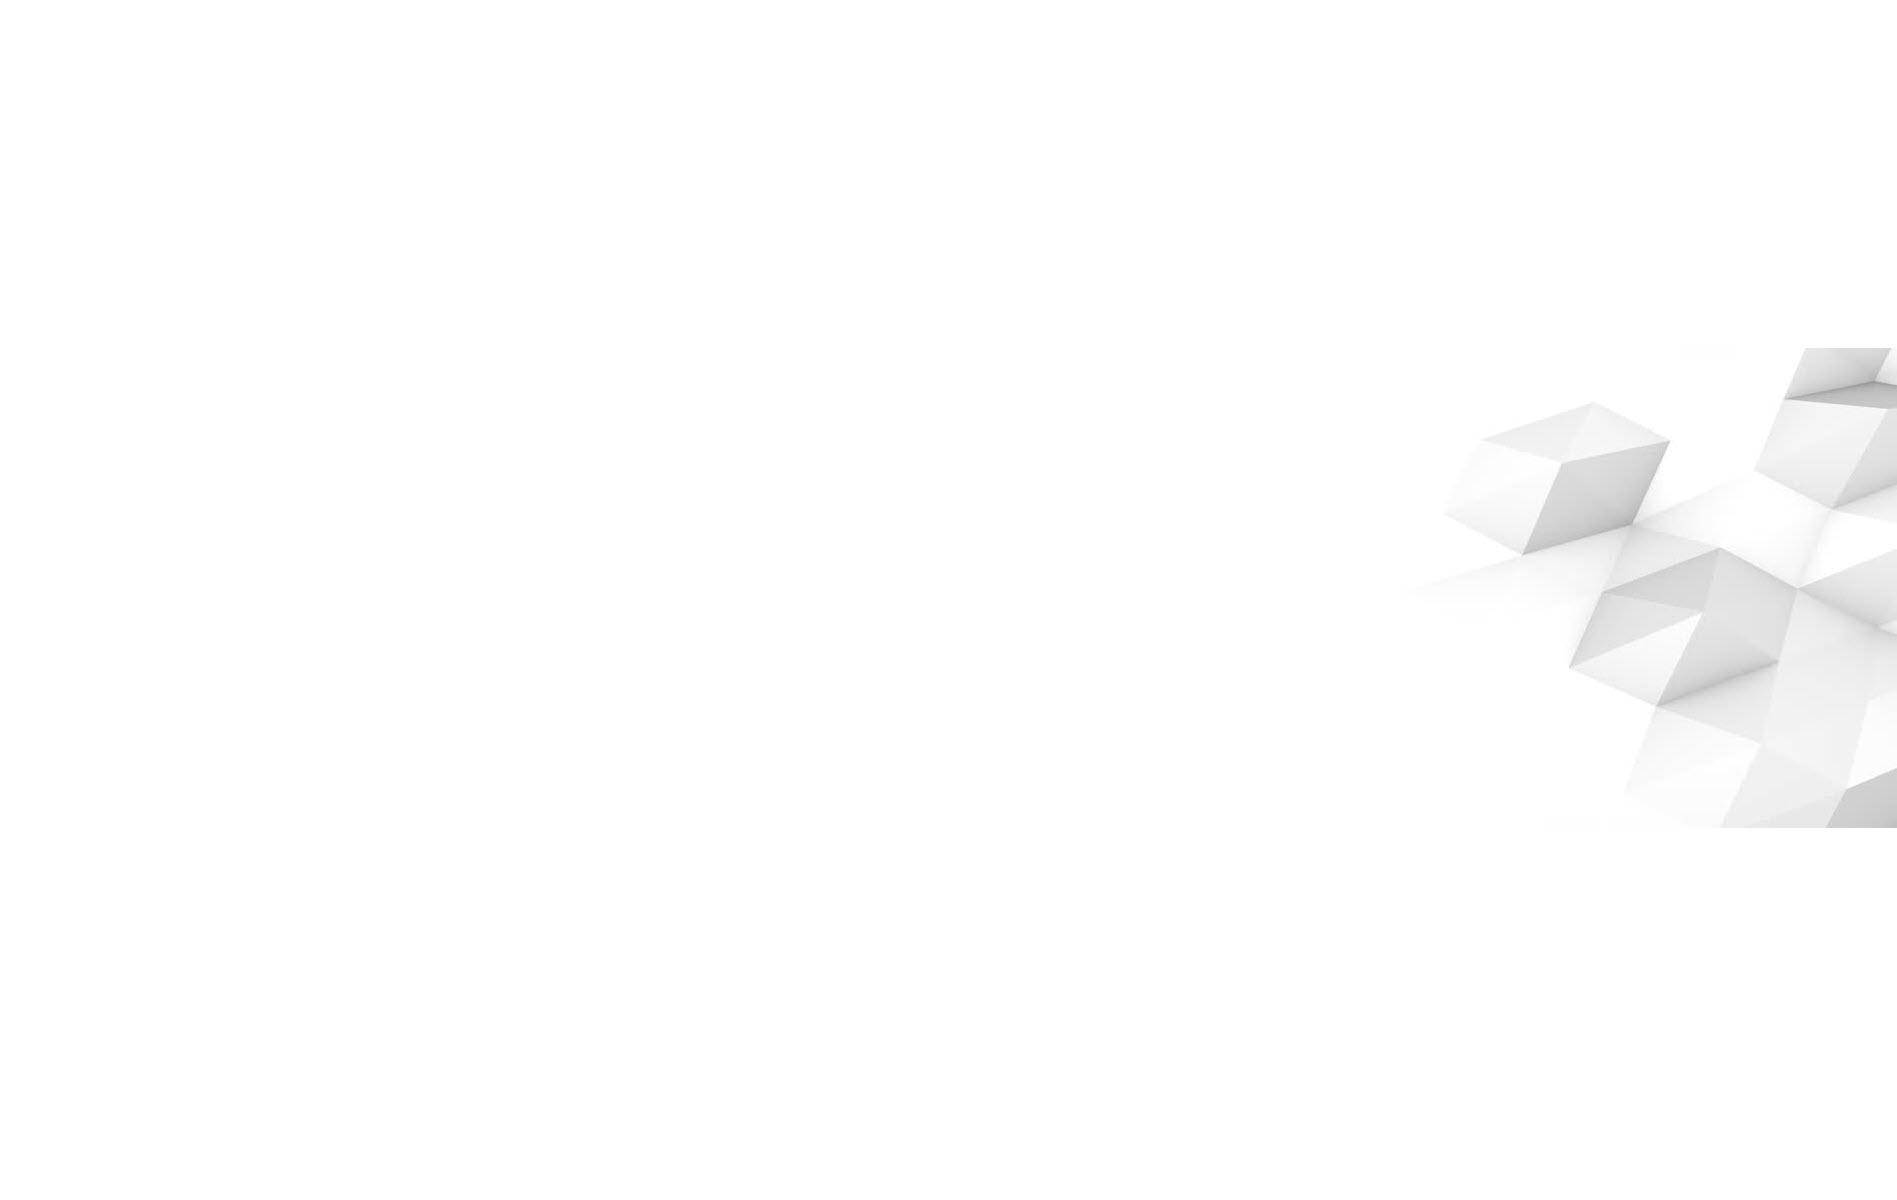 Hình nền trắng đẹp (3)